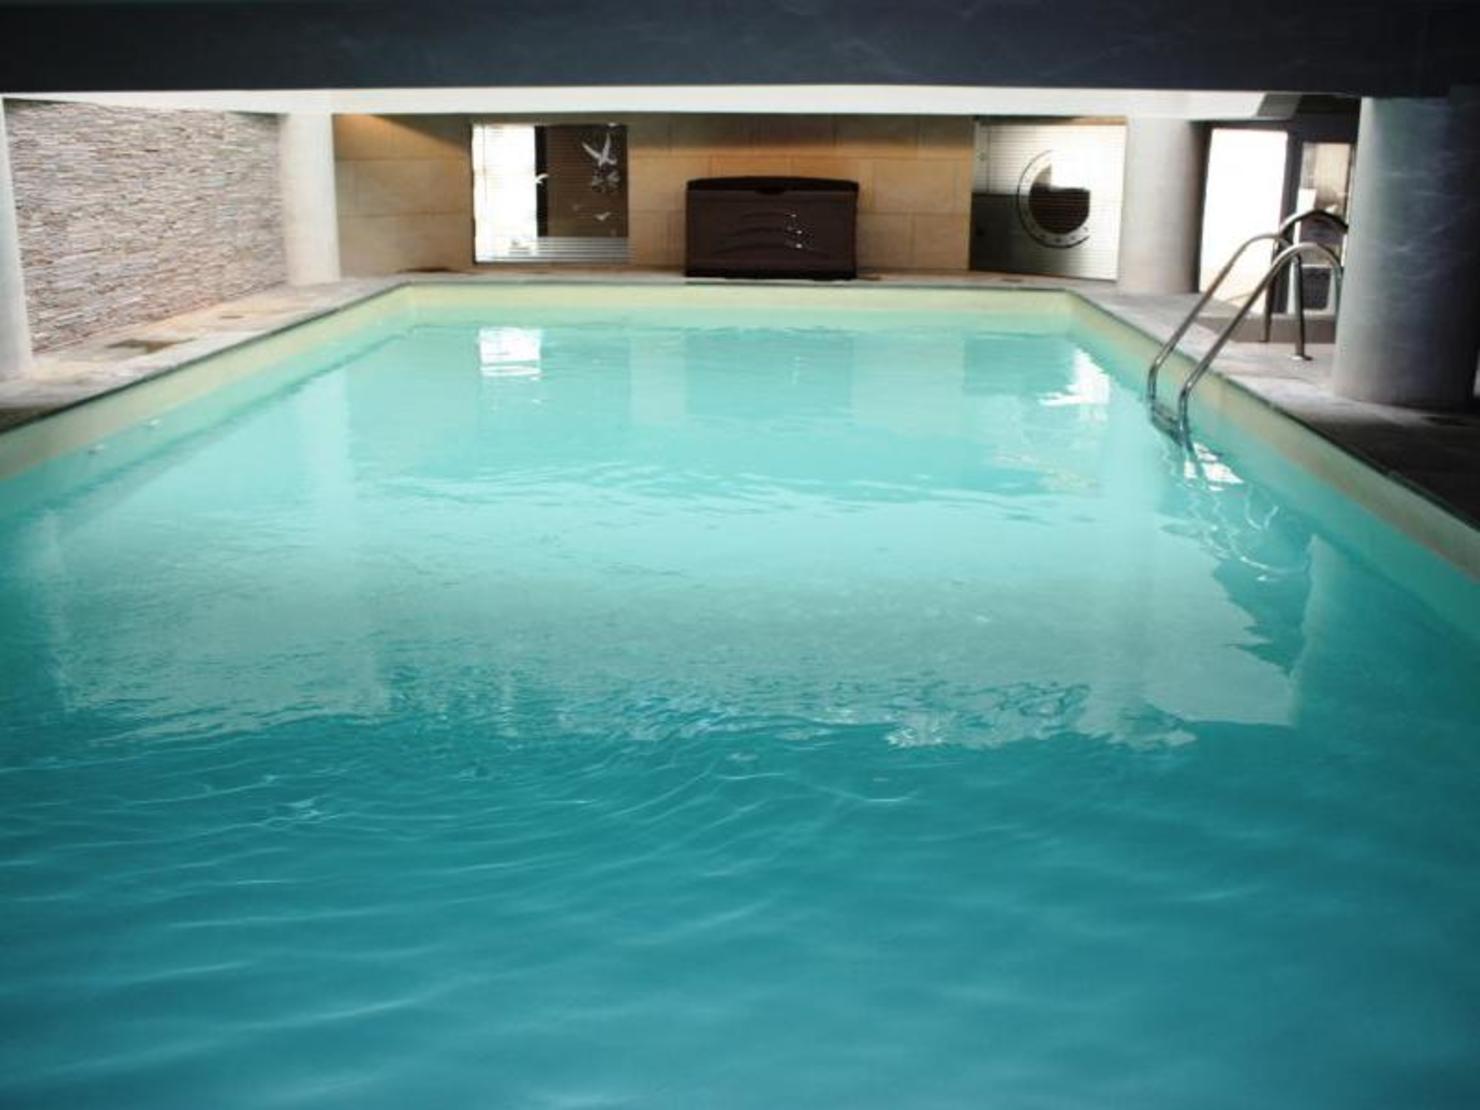 Salle de sport avec piscine marseille 28 images r 233 for Club piscine dorion horaire